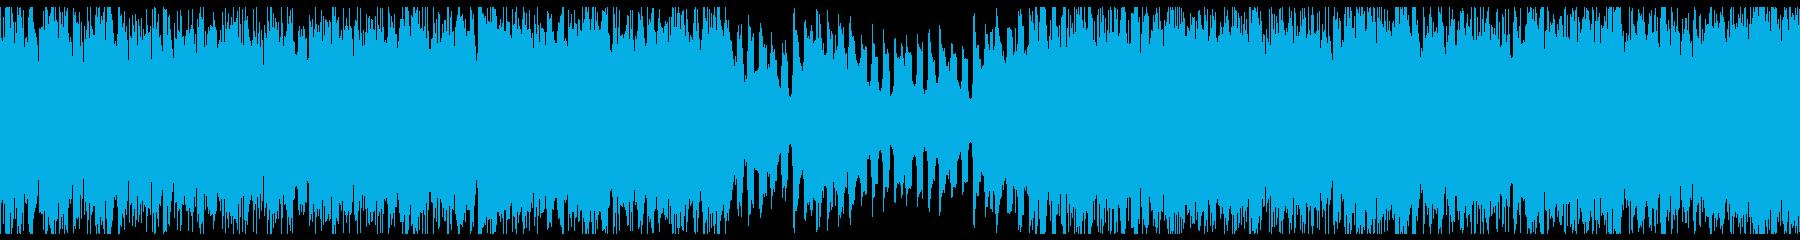 ピアノの旋律が印象的な4つ打ち曲の再生済みの波形